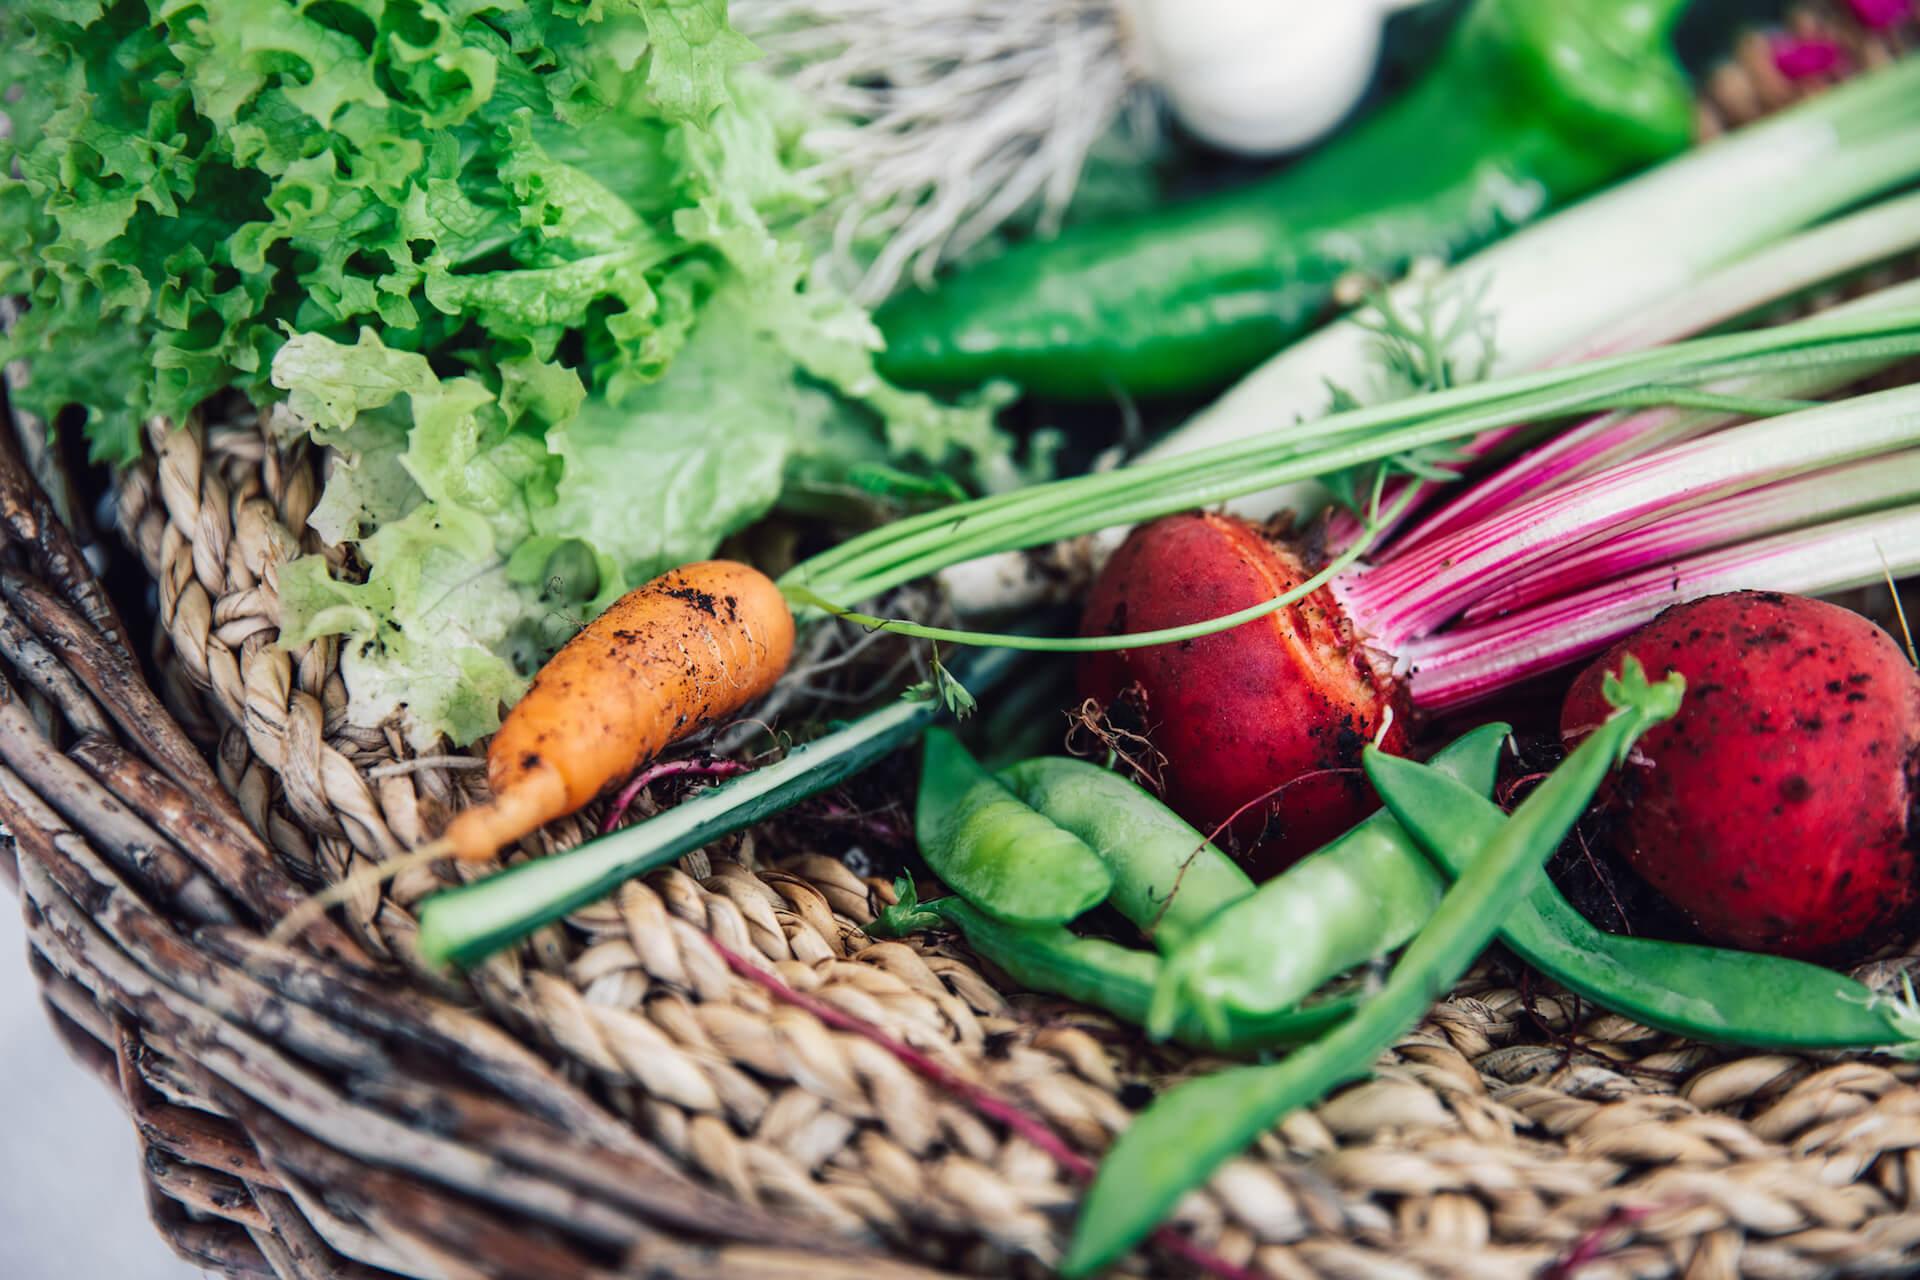 Basket full of freshly harvested vegetables